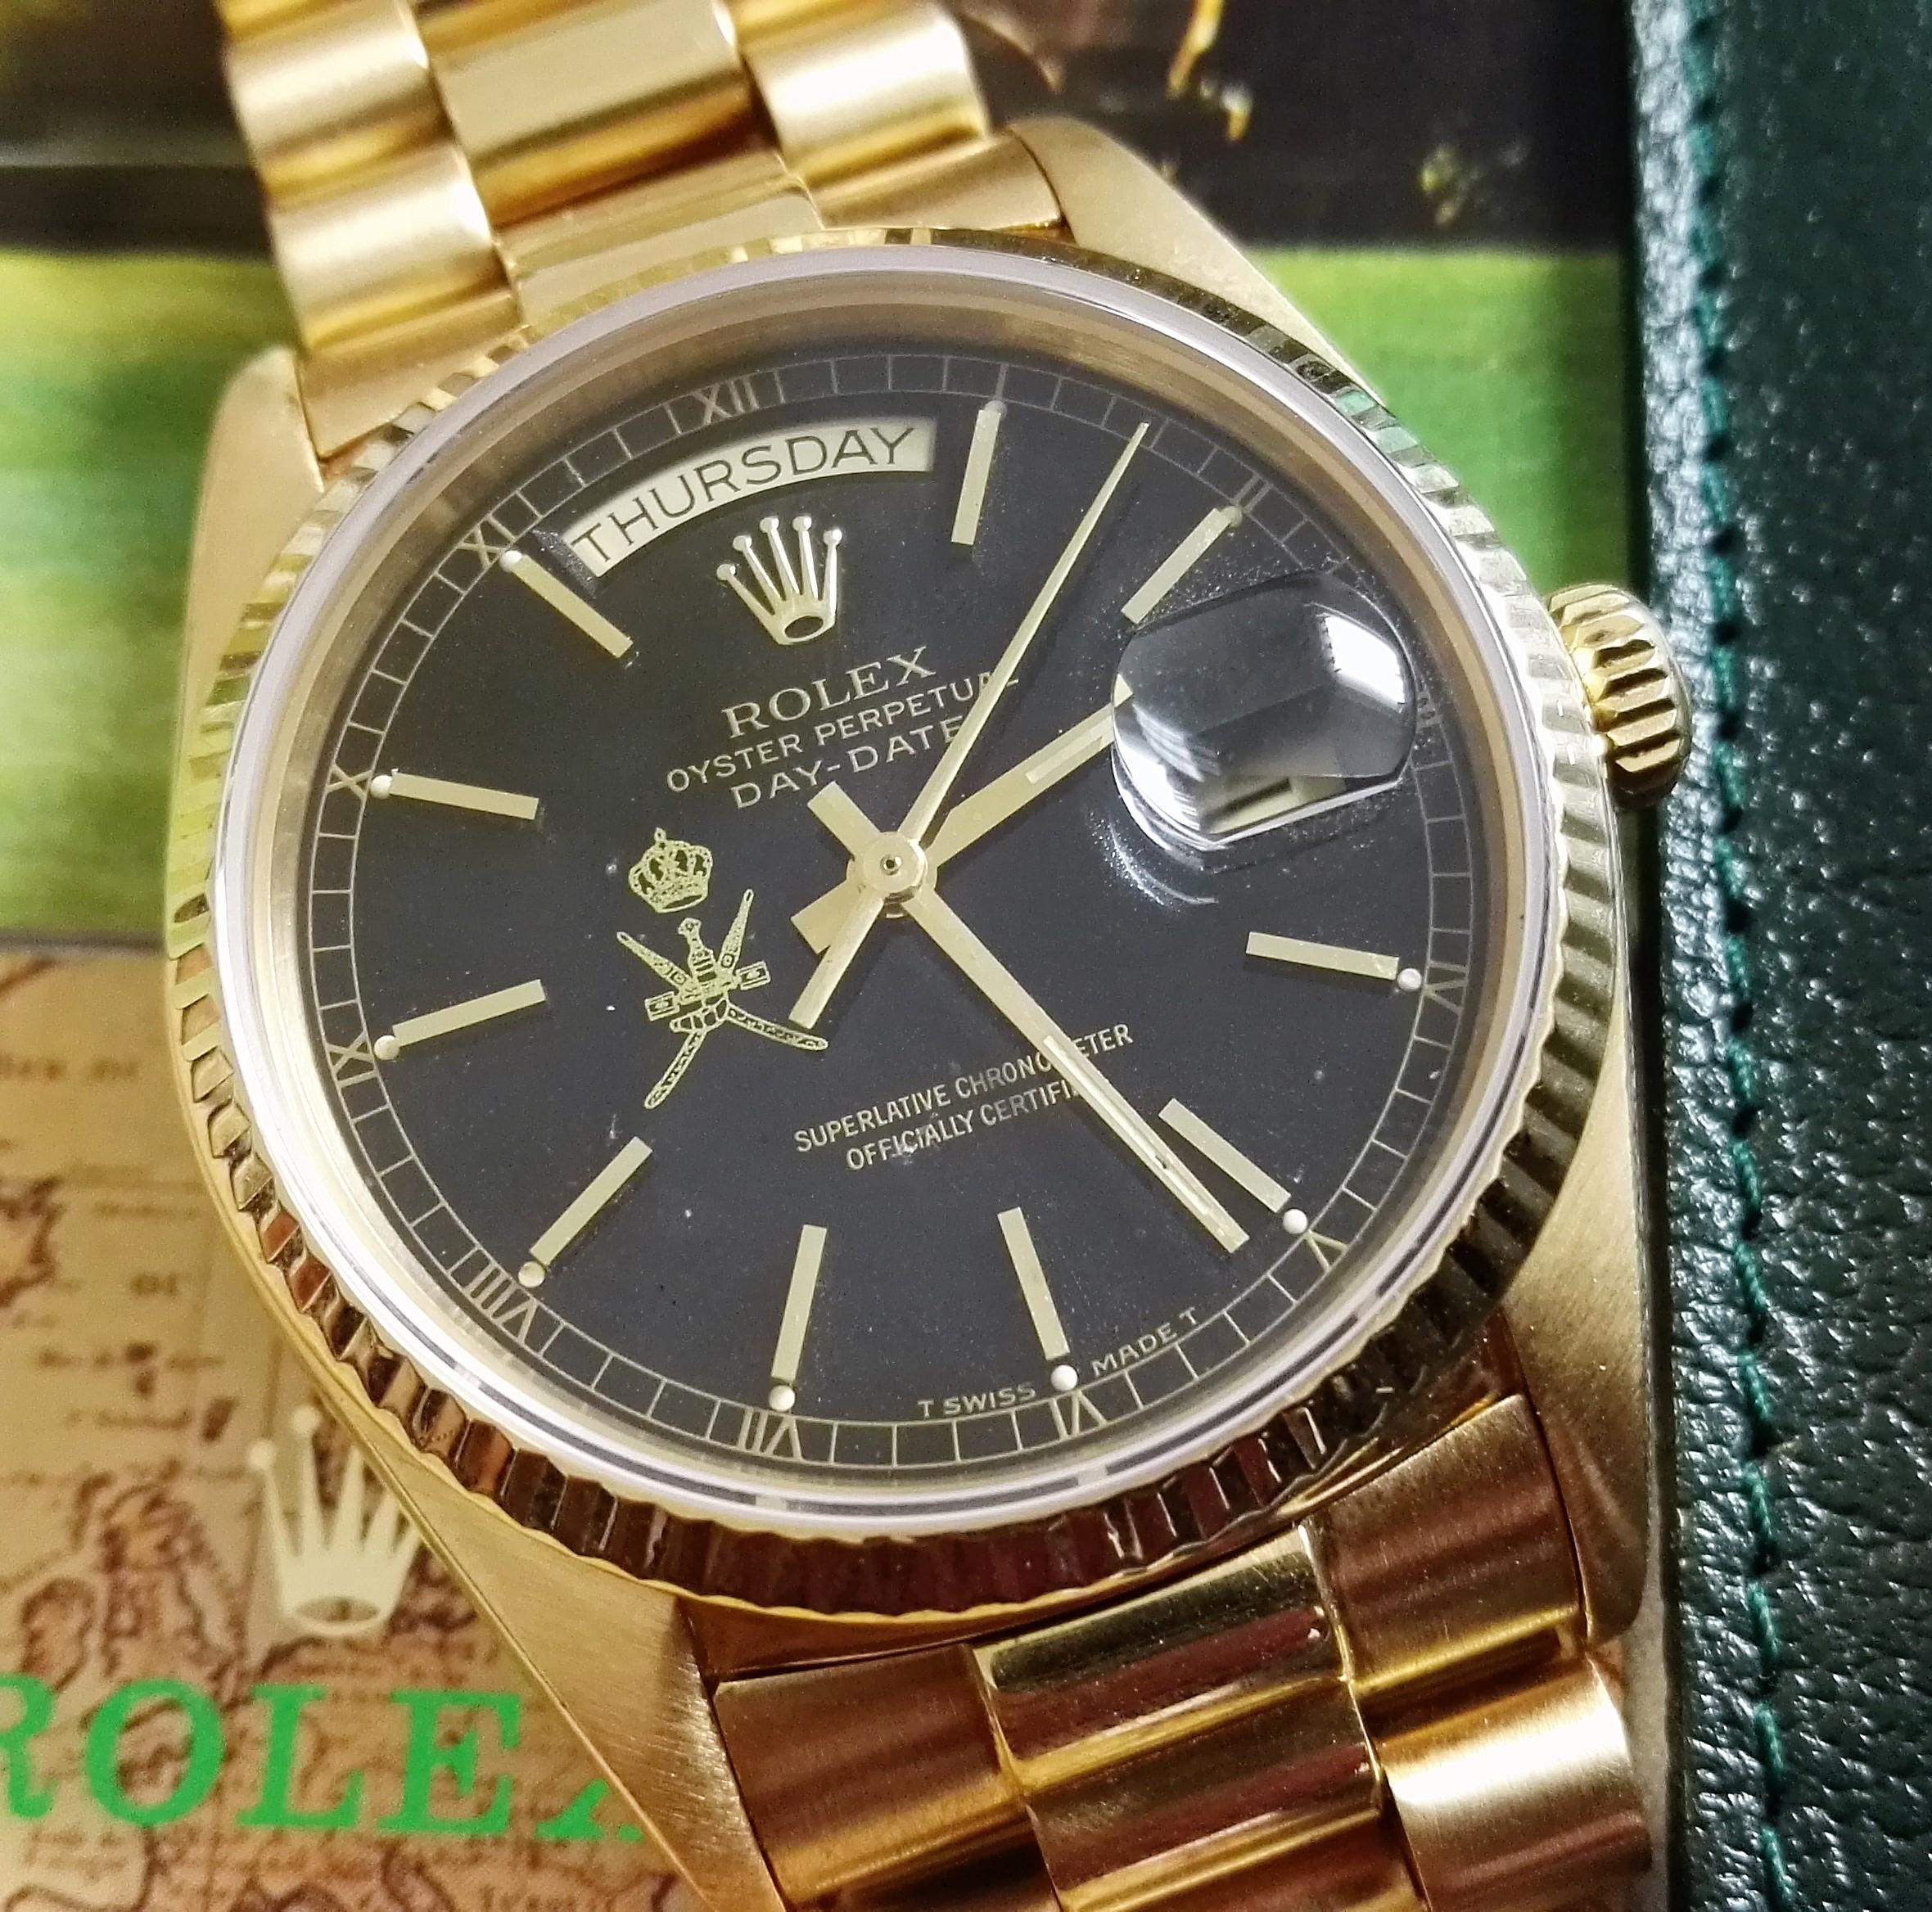 Rolex Day-Date / President Rare Day-Date Ref.18038 Oman 18 kt gold yellow and original Oman box | San Giorgio a Cremano